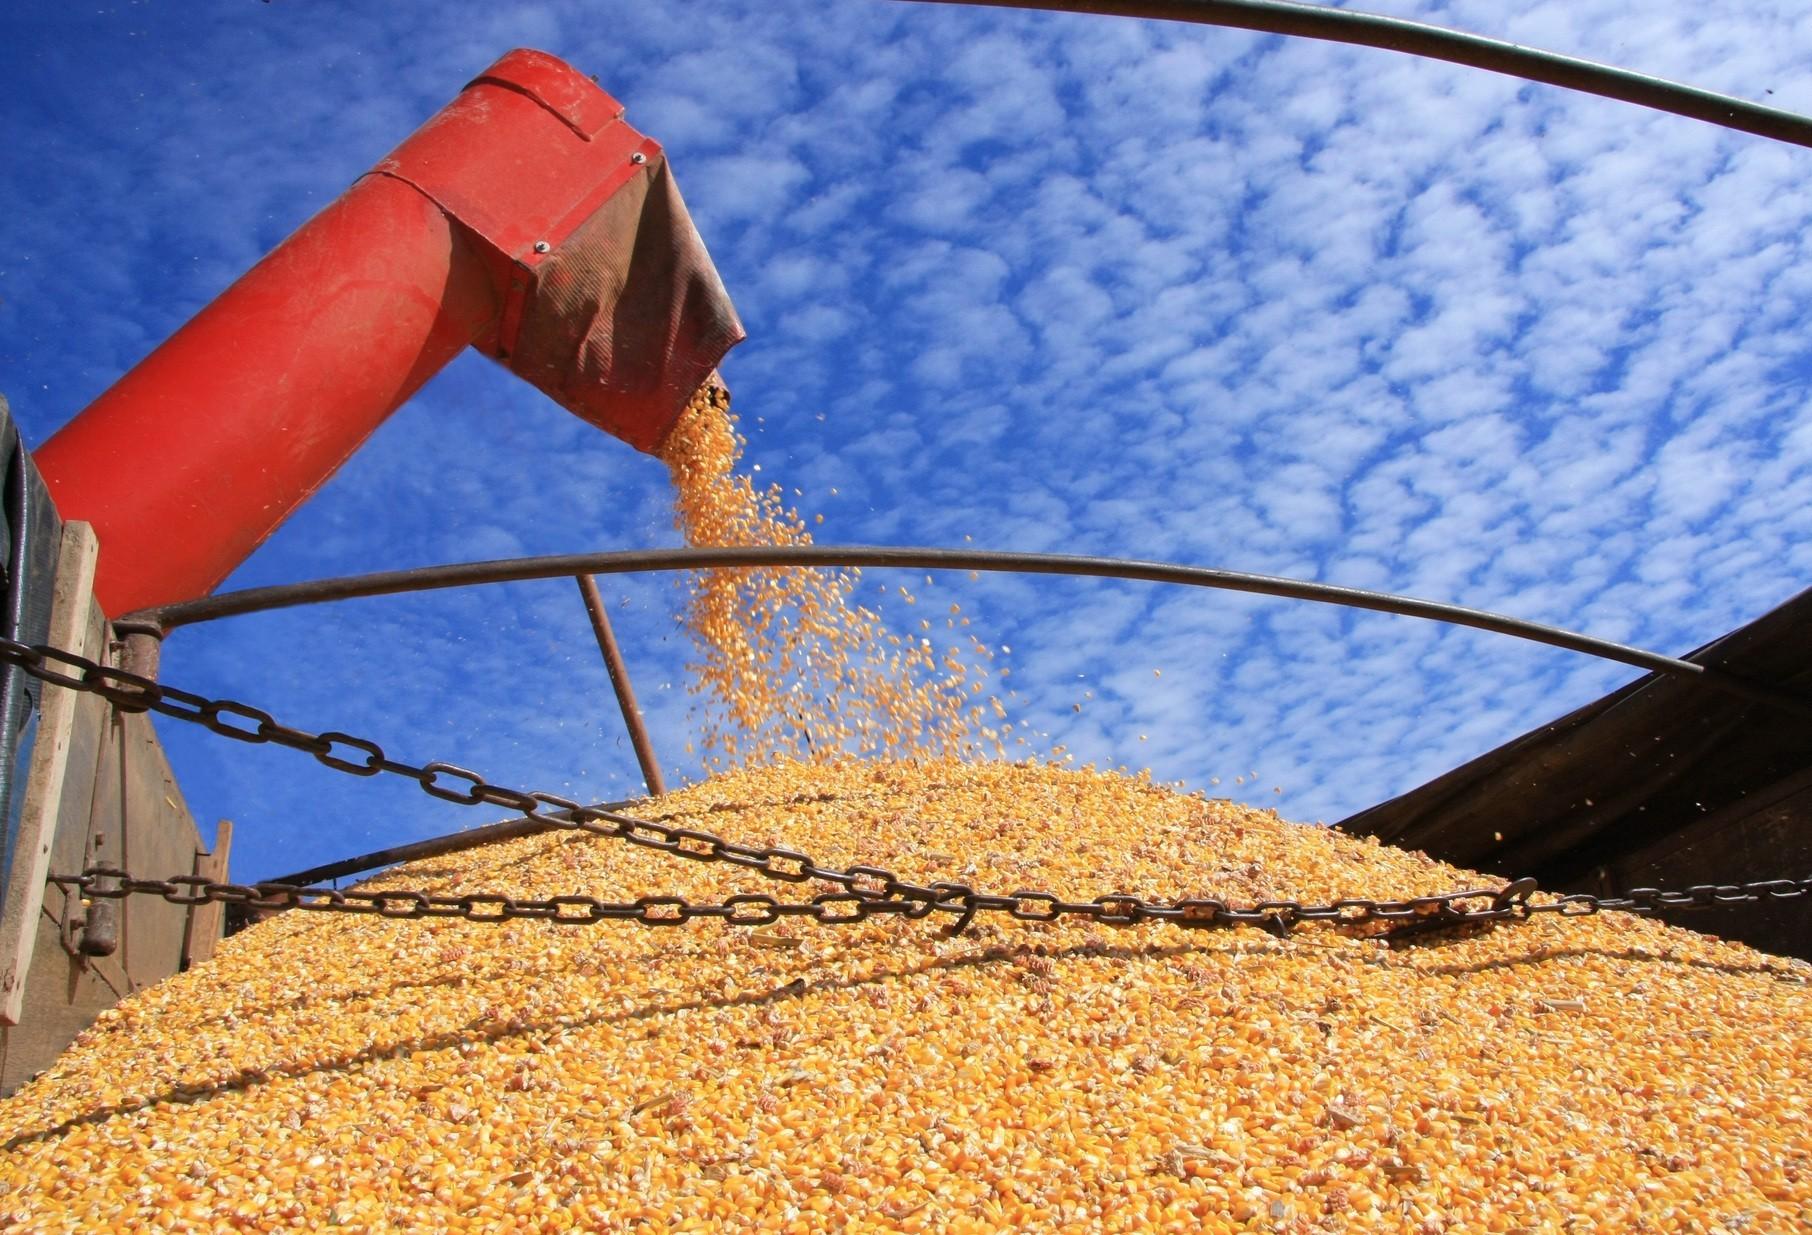 Exportação de soja deve cair 17,8% neste ano